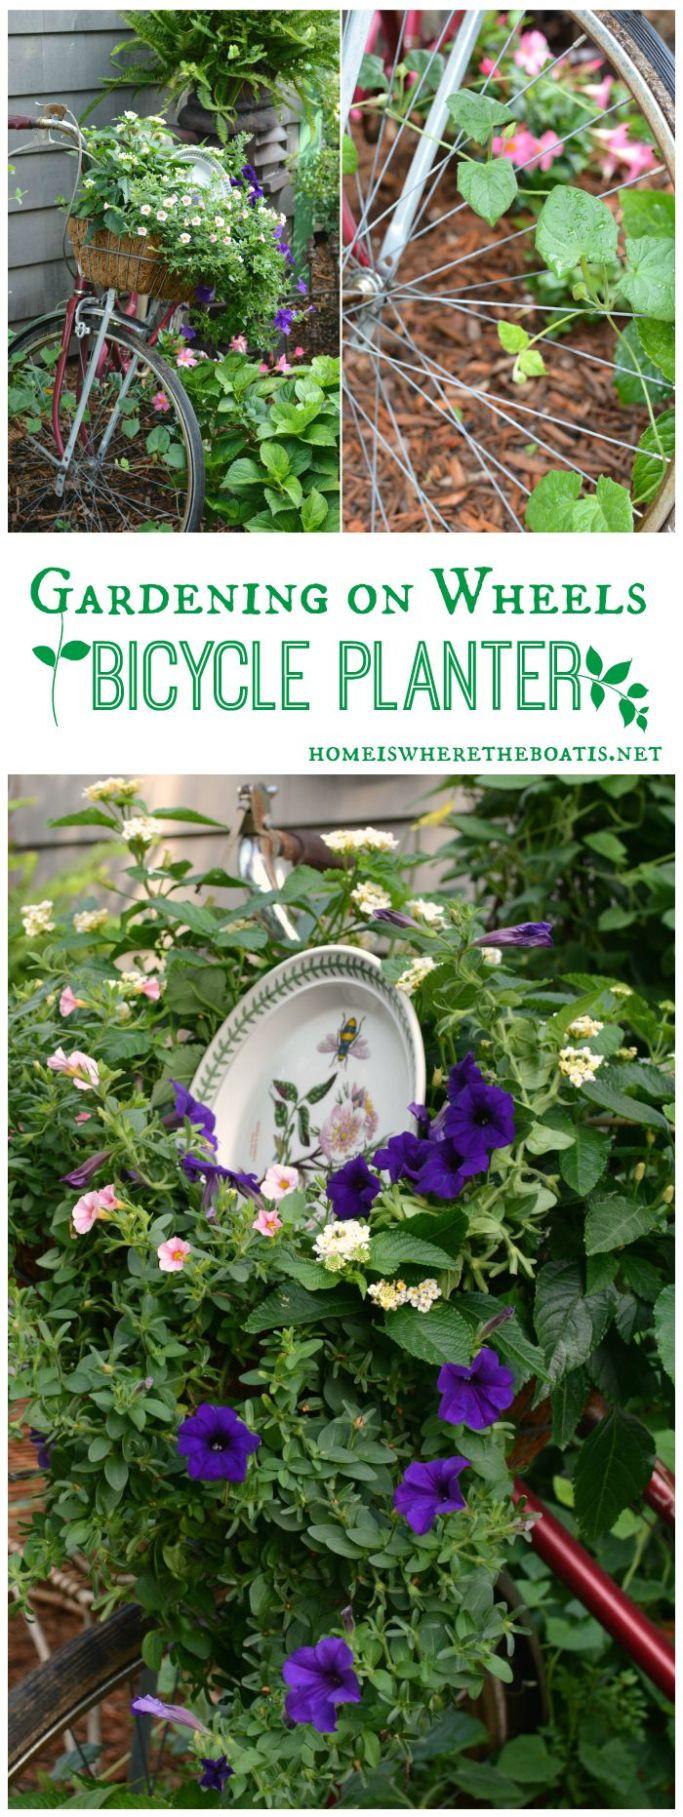 Gardening on Wheels Bicycle Planter